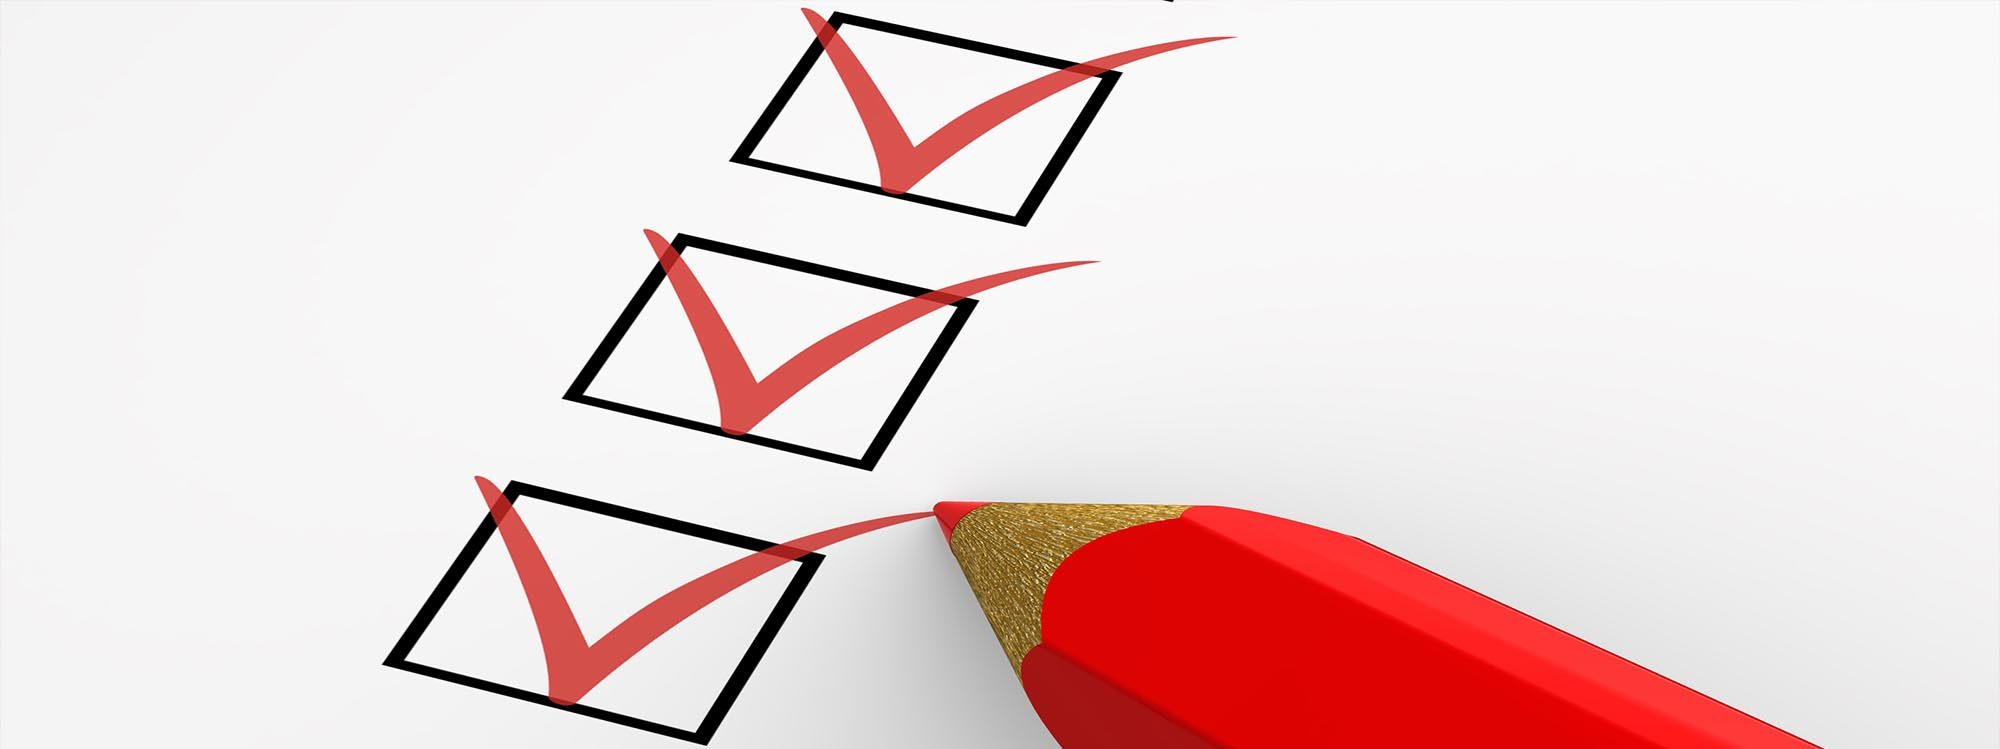 wniosek, konsolidacja chwilówek, konsolidacja chwilówek online, konsolidacja kredytów